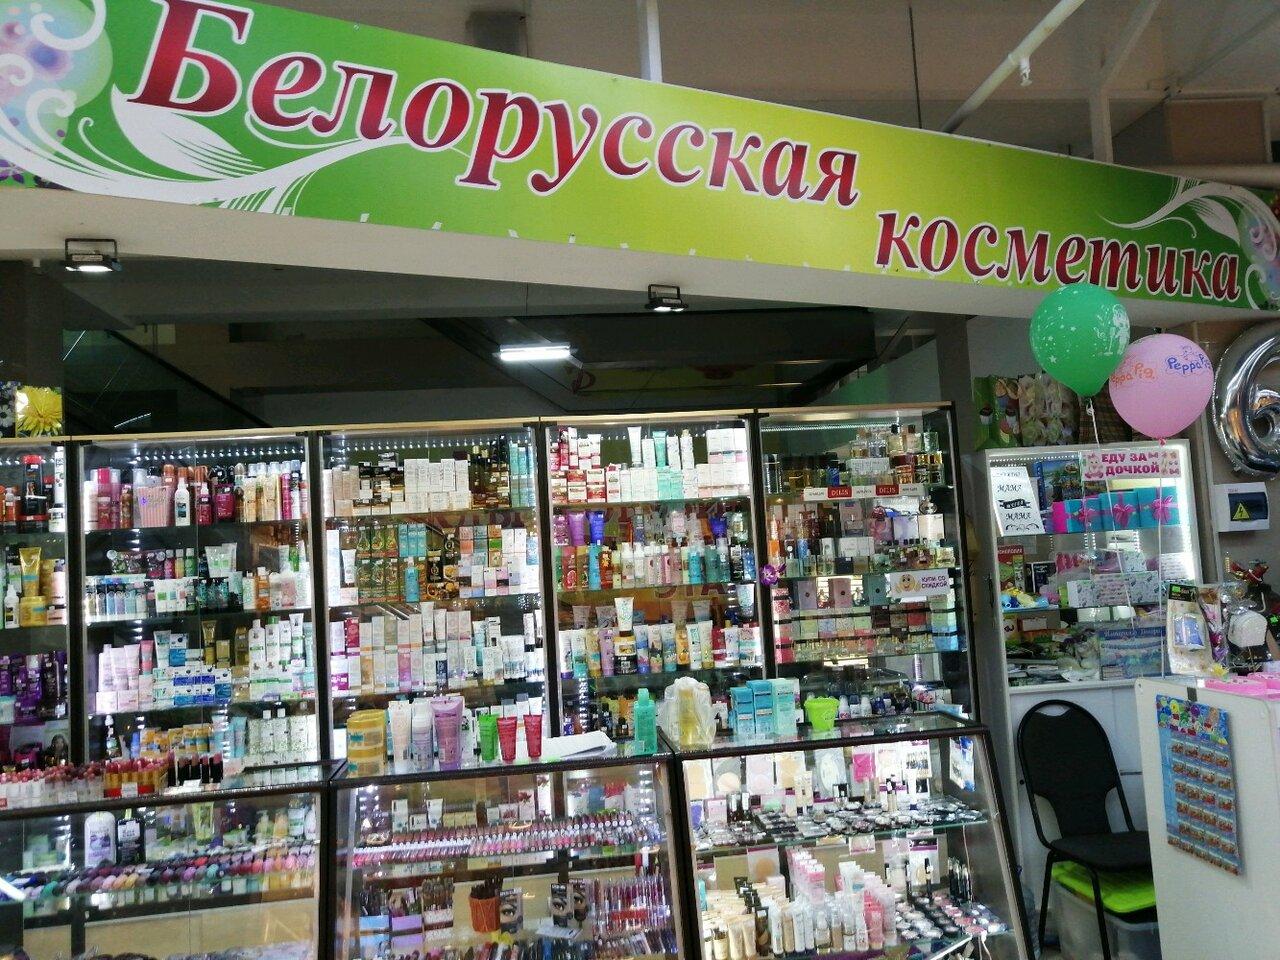 где в пензе купить белорусскую косметику в